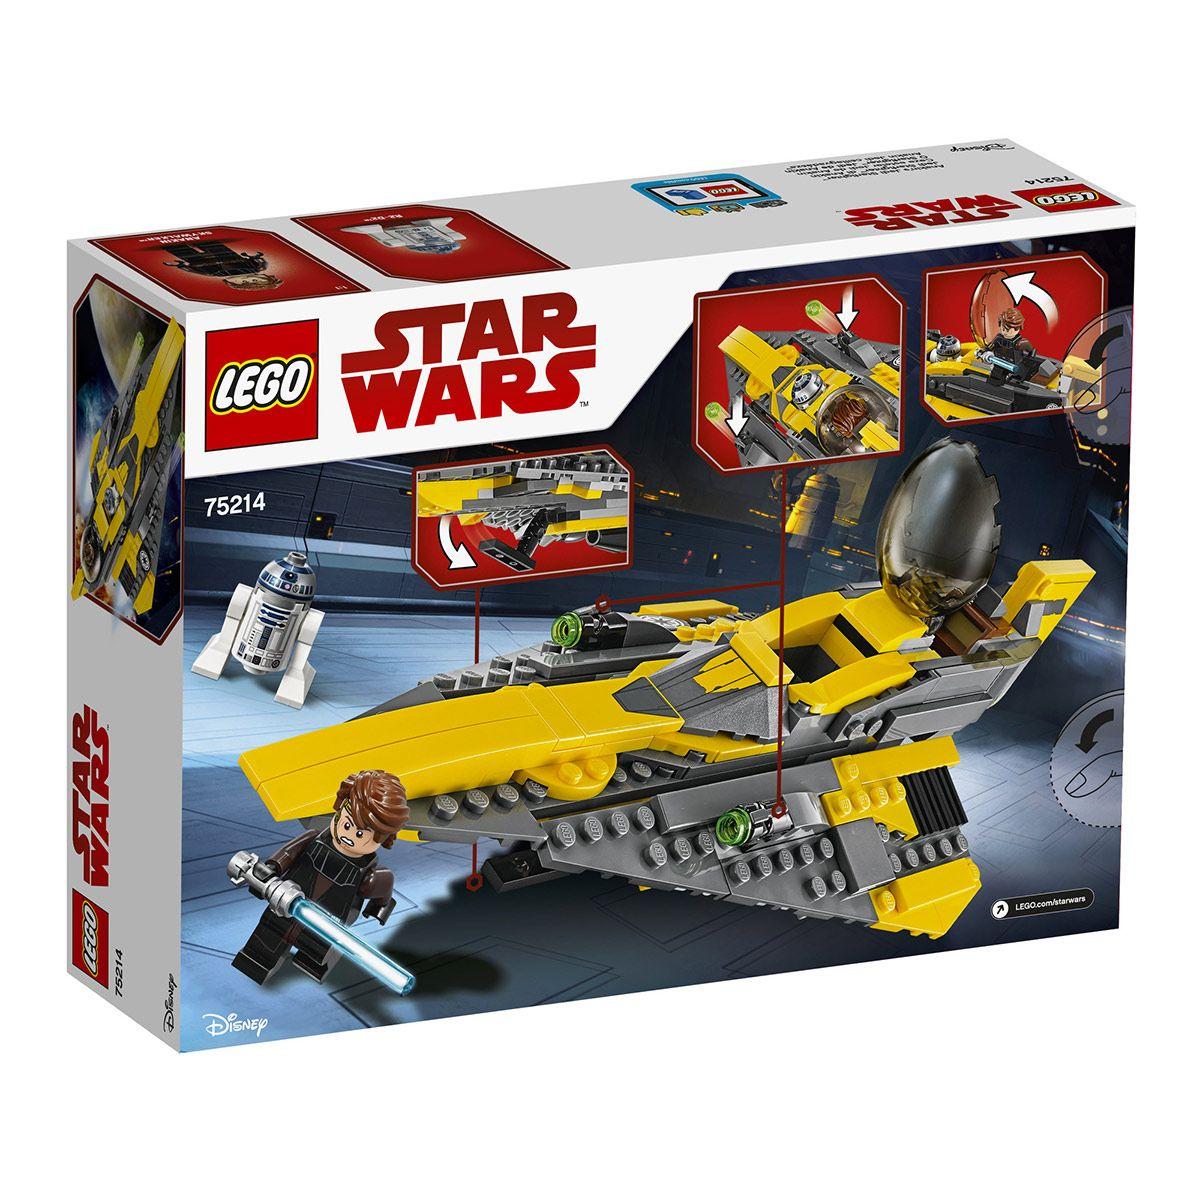 Jedi Jedi Jedi Anakin's Anakin's Jedi Starfighter Starfighter Anakin's Anakin's Anakin's Starfighter Starfighter OZuTkPXi